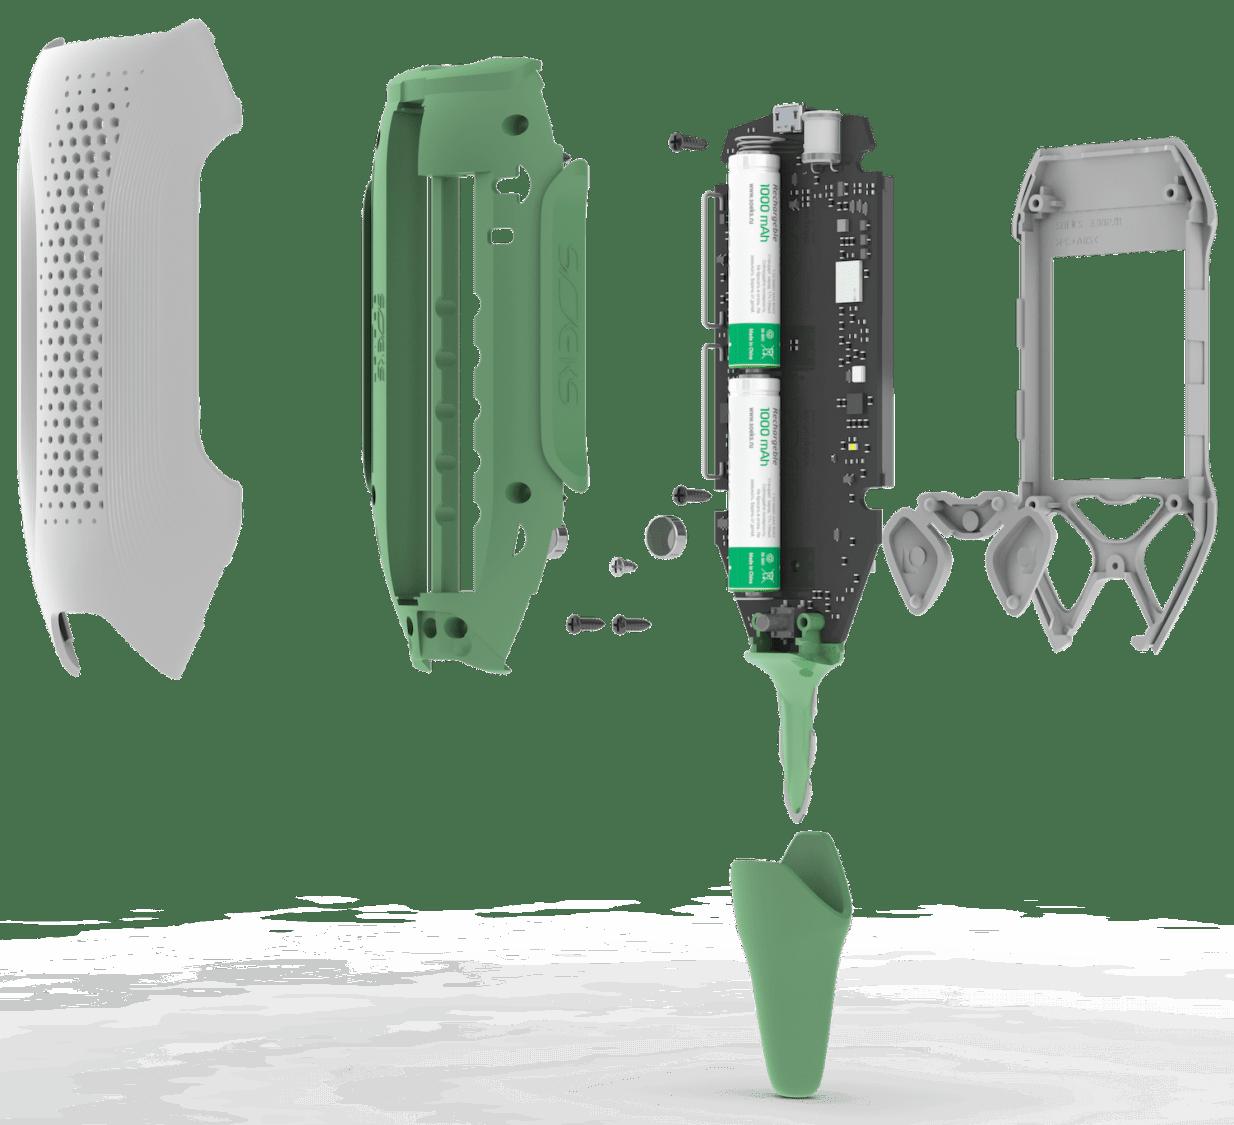 SOEKS EcoVisor F2 components